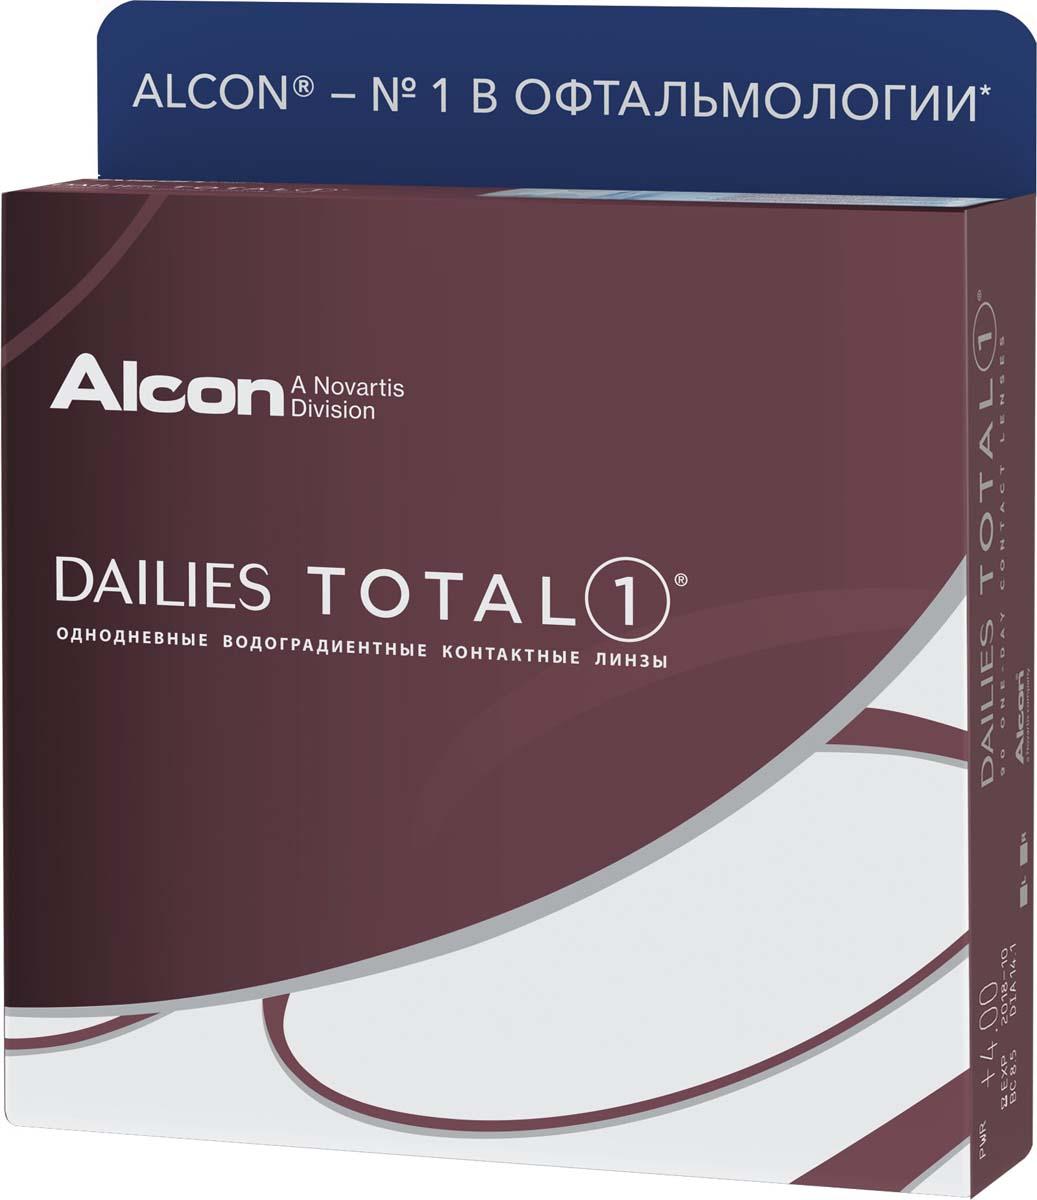 Аlcon Контактные линзы Dailies Total 90 шт /-2.75 /8.5 /14.1